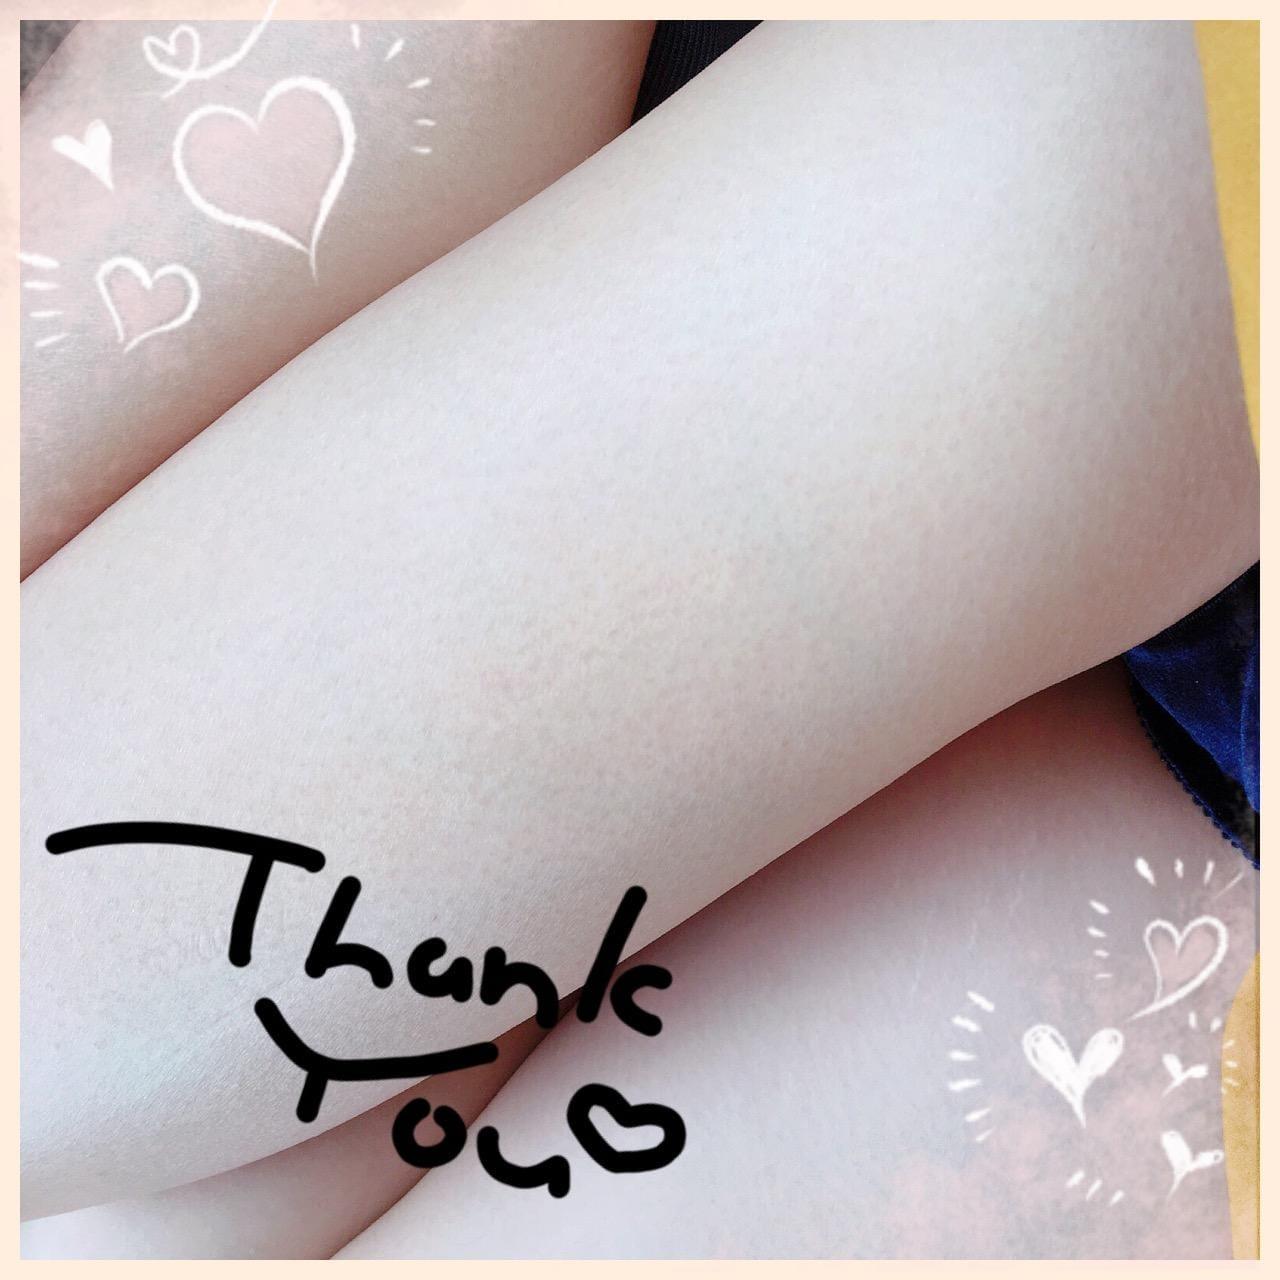 「おはようございます」11/16(11/16) 09:48 | P☆なみの写メ・風俗動画